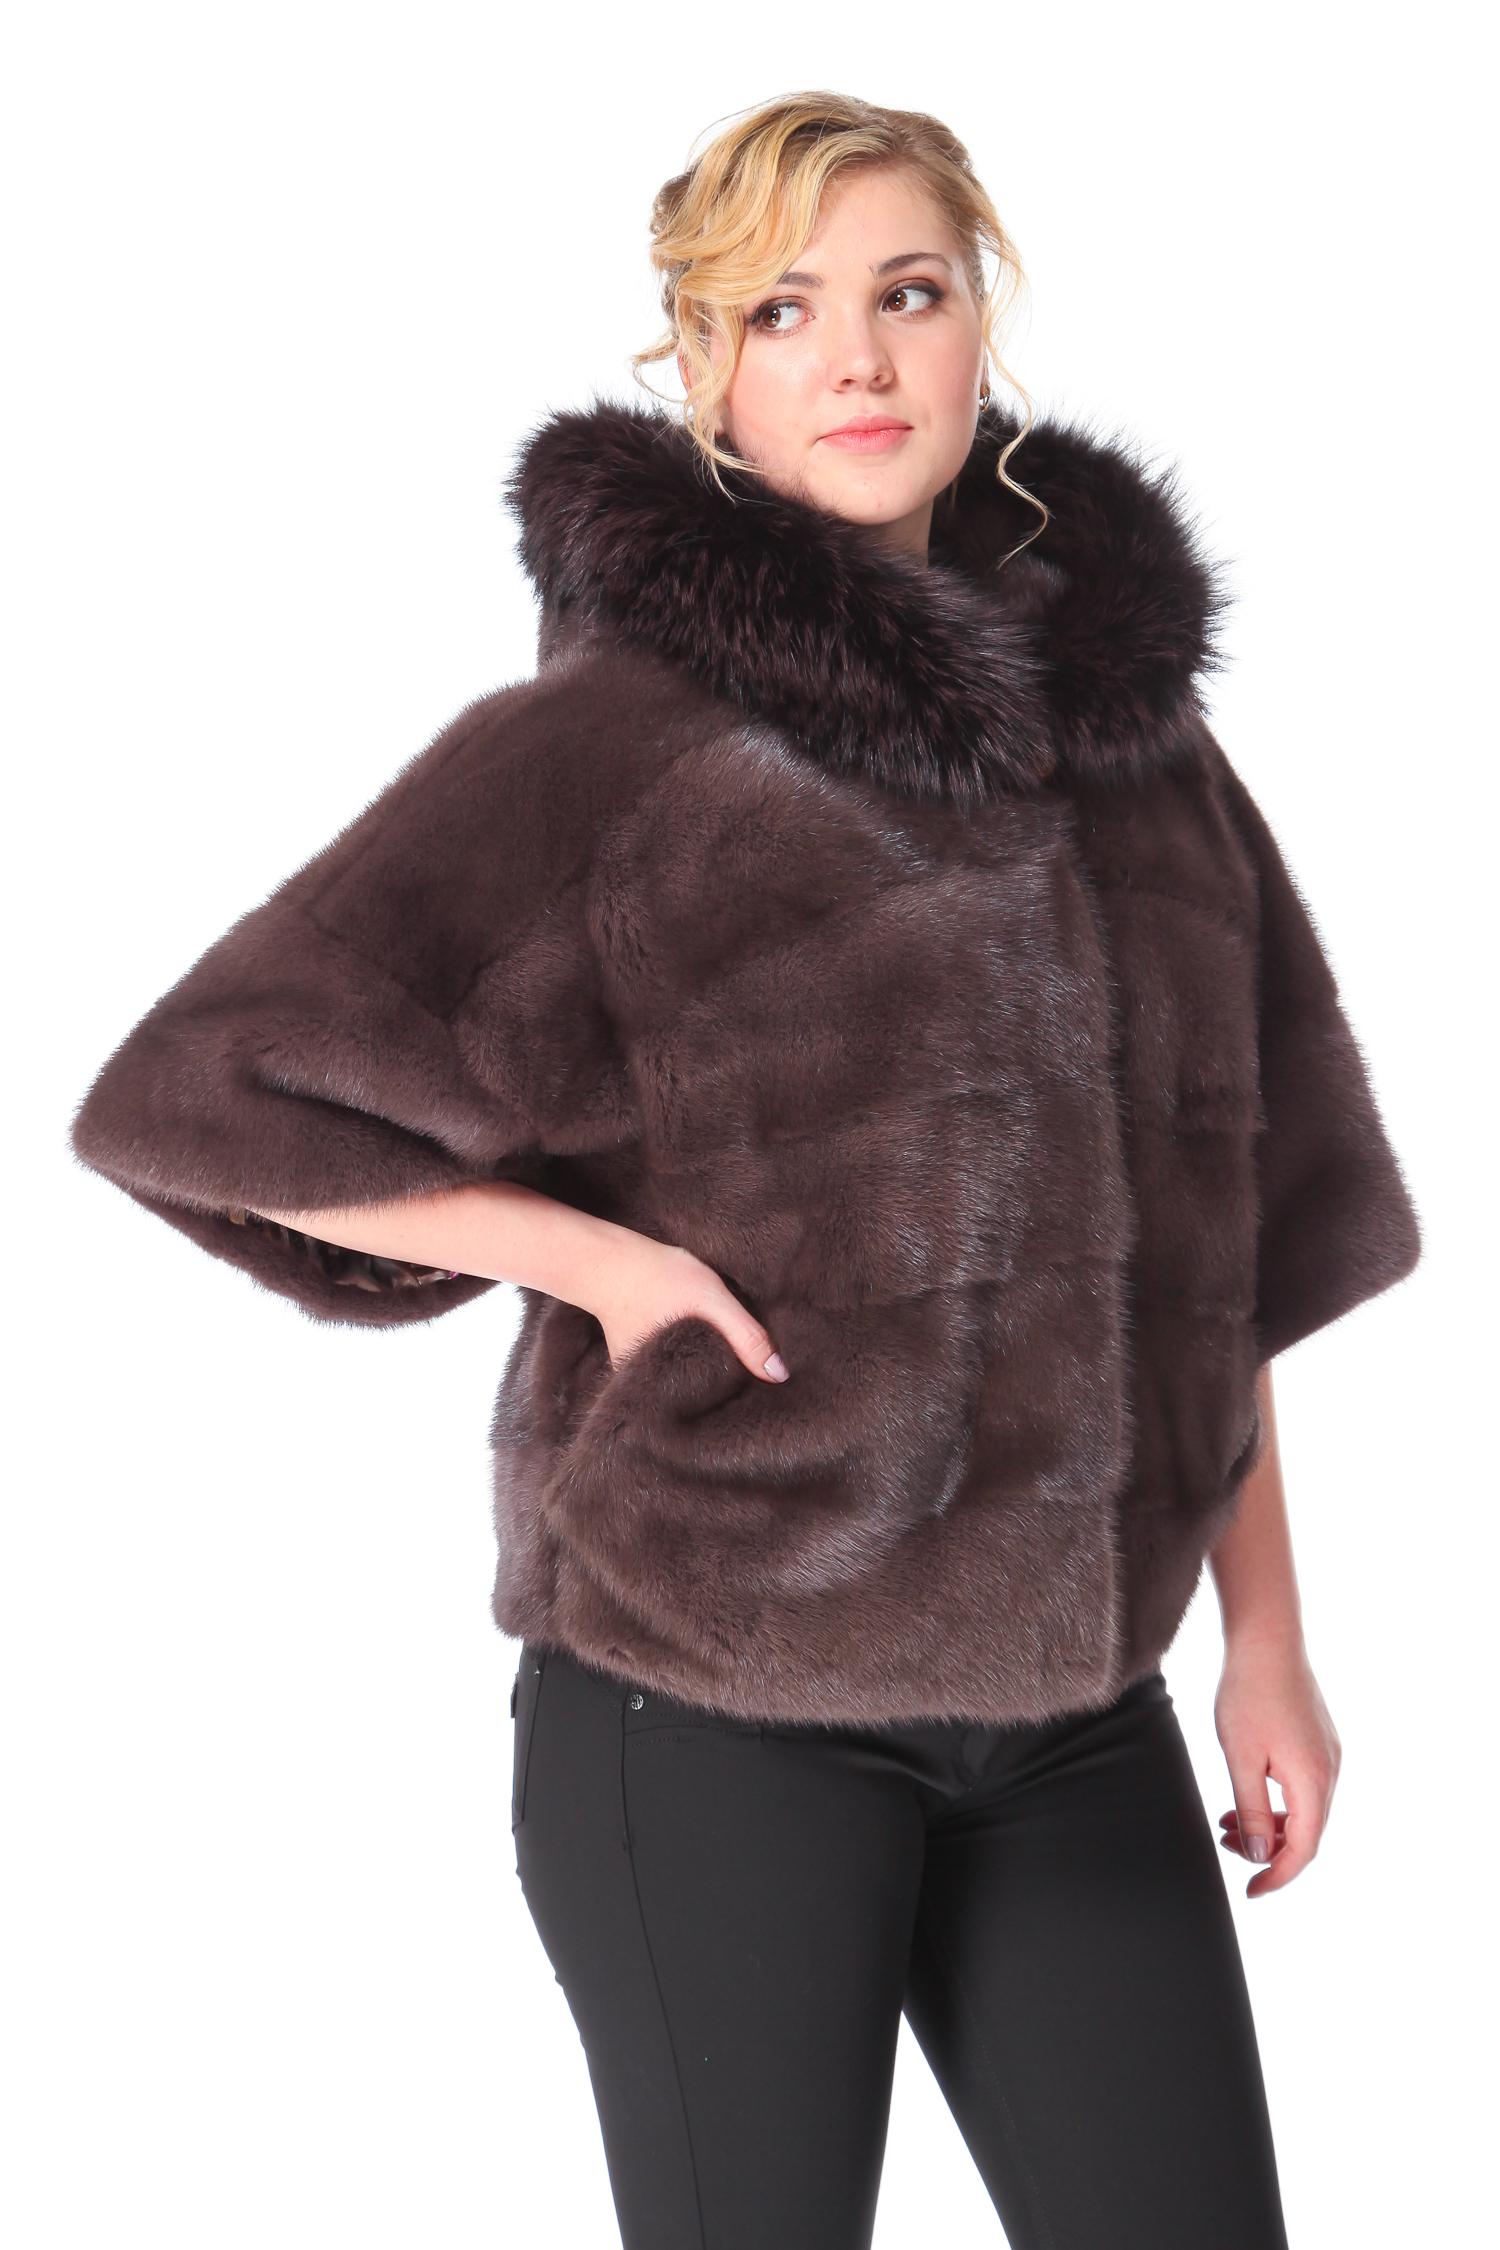 Куртка из норки с капюшоном, отделка лисаЦвет пепельно-бежевый графит.<br><br>Модель изготовлена из меха европейской норки. Отделка  мех лисы.<br><br>Японская пройма, укороченный рукав и шикарный объемный капюшон с отделкой из меха лисы, дают возможность почувствовать себя очень эффектно, элегантно и по-царски роскошно. Укороченная длина не сковывает движения и позволяет комфортно ощущать себя за рулем автомобиля. Данный фасон, скрывая все недостатки, подчеркивает очевидные достоинства фигуры любой женщины. Обладательница модели каждый день будет ловить на себе восхищенные взгляды окружающих и чувствовать себя непревзойденно.<br><br>Длина см: 60<br>Капюшон: Есть<br>Отделка: Лиса<br>Цвет: Серо-коричневый<br>Пол: Женский<br>Размер RU: 46